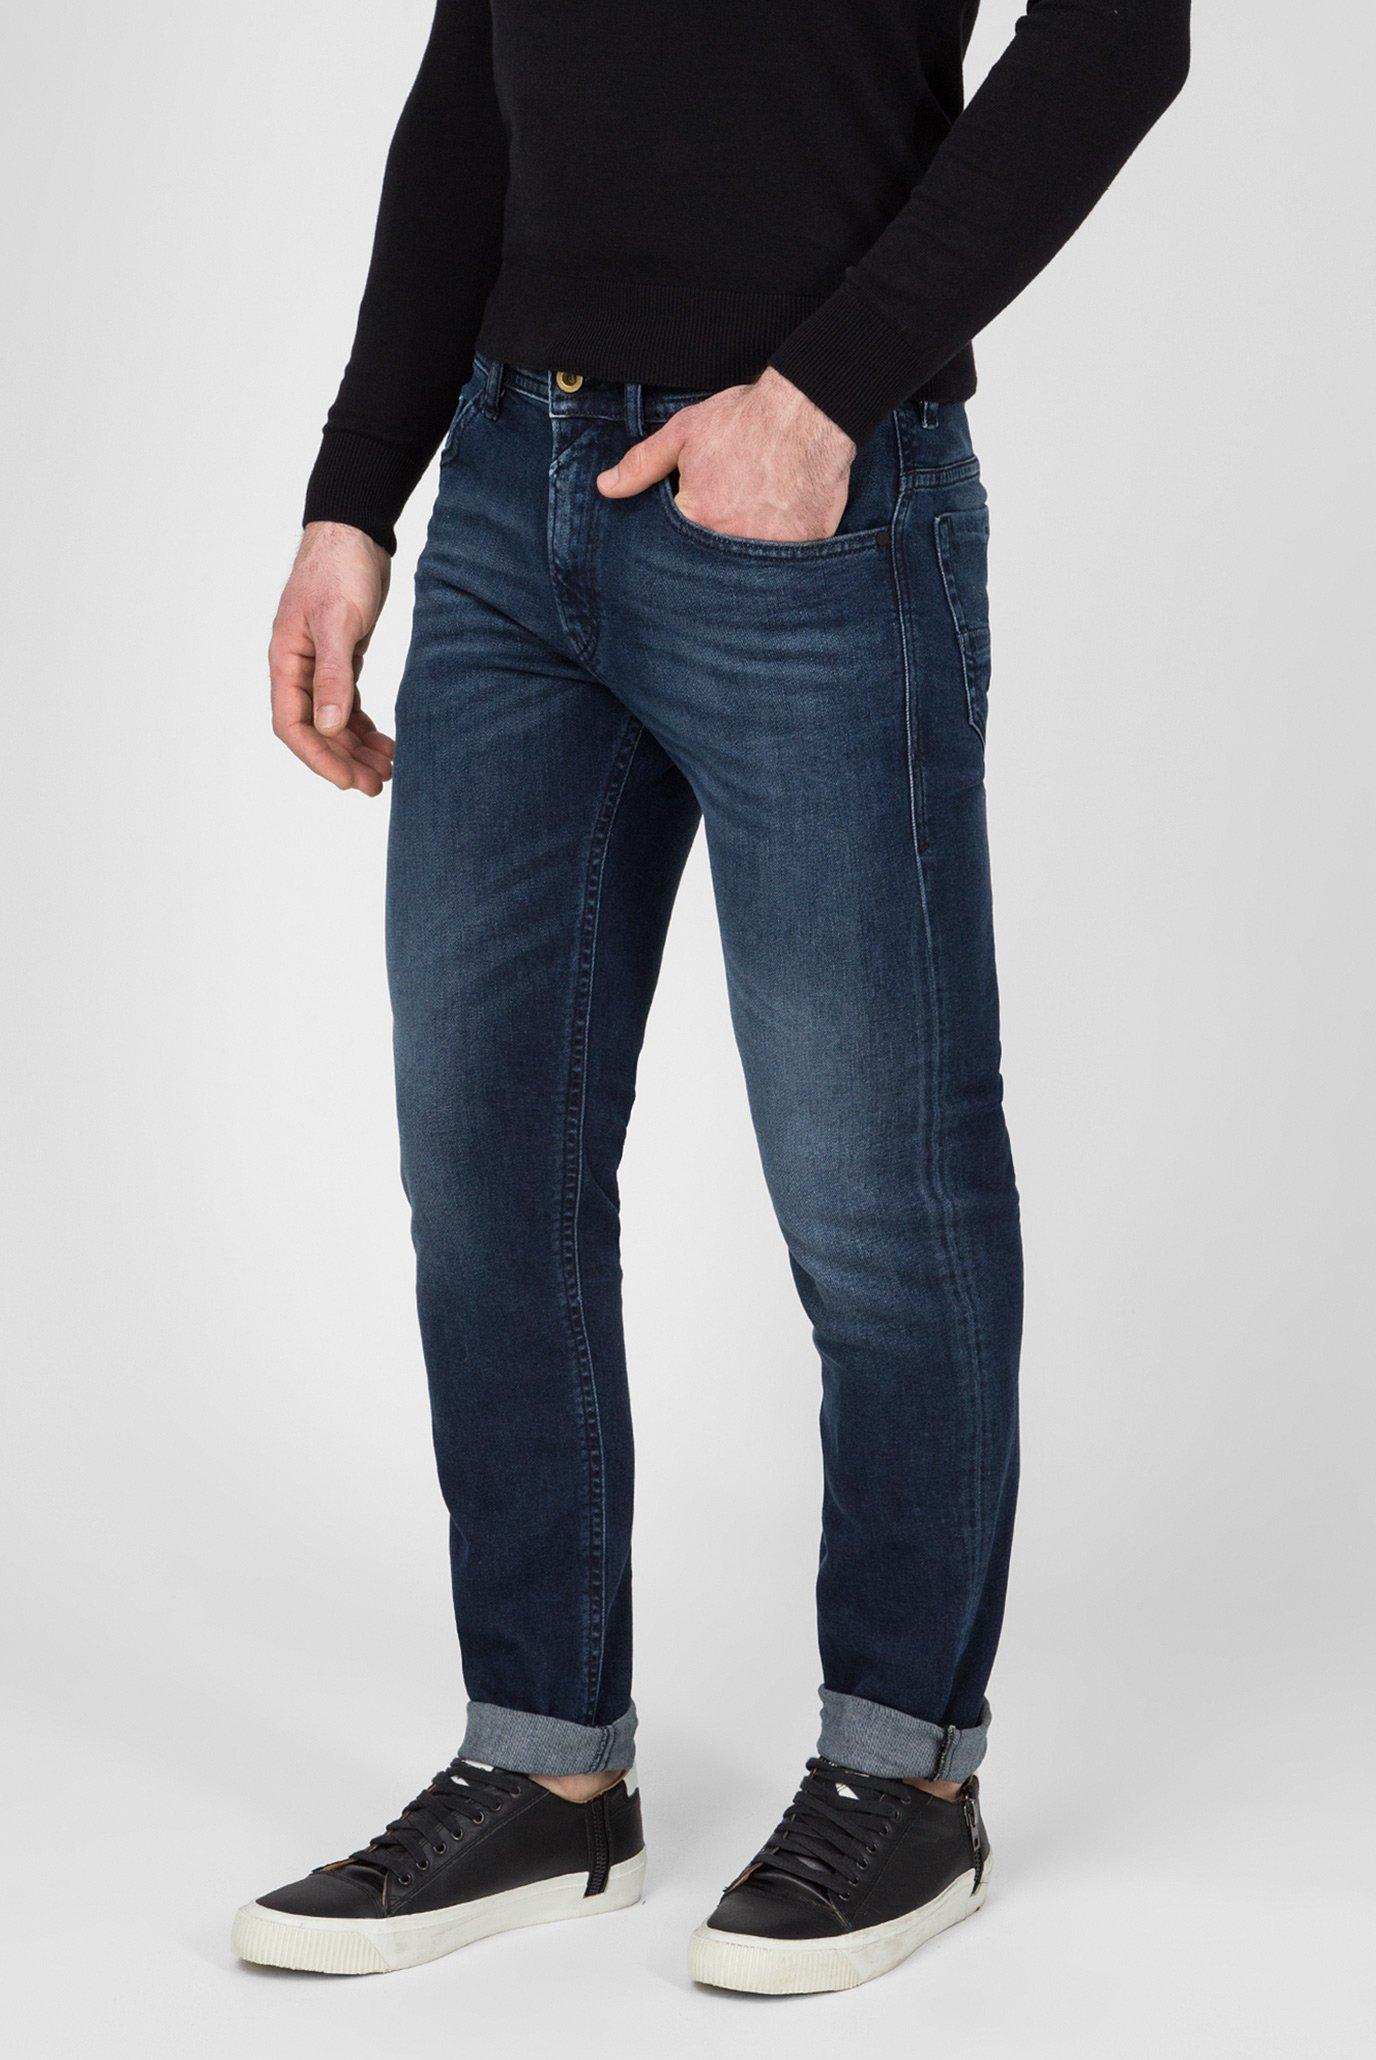 Купить Мужские темно-синие джинсы THOMMER Diesel Diesel 00SW1Q 087AS – Киев, Украина. Цены в интернет магазине MD Fashion